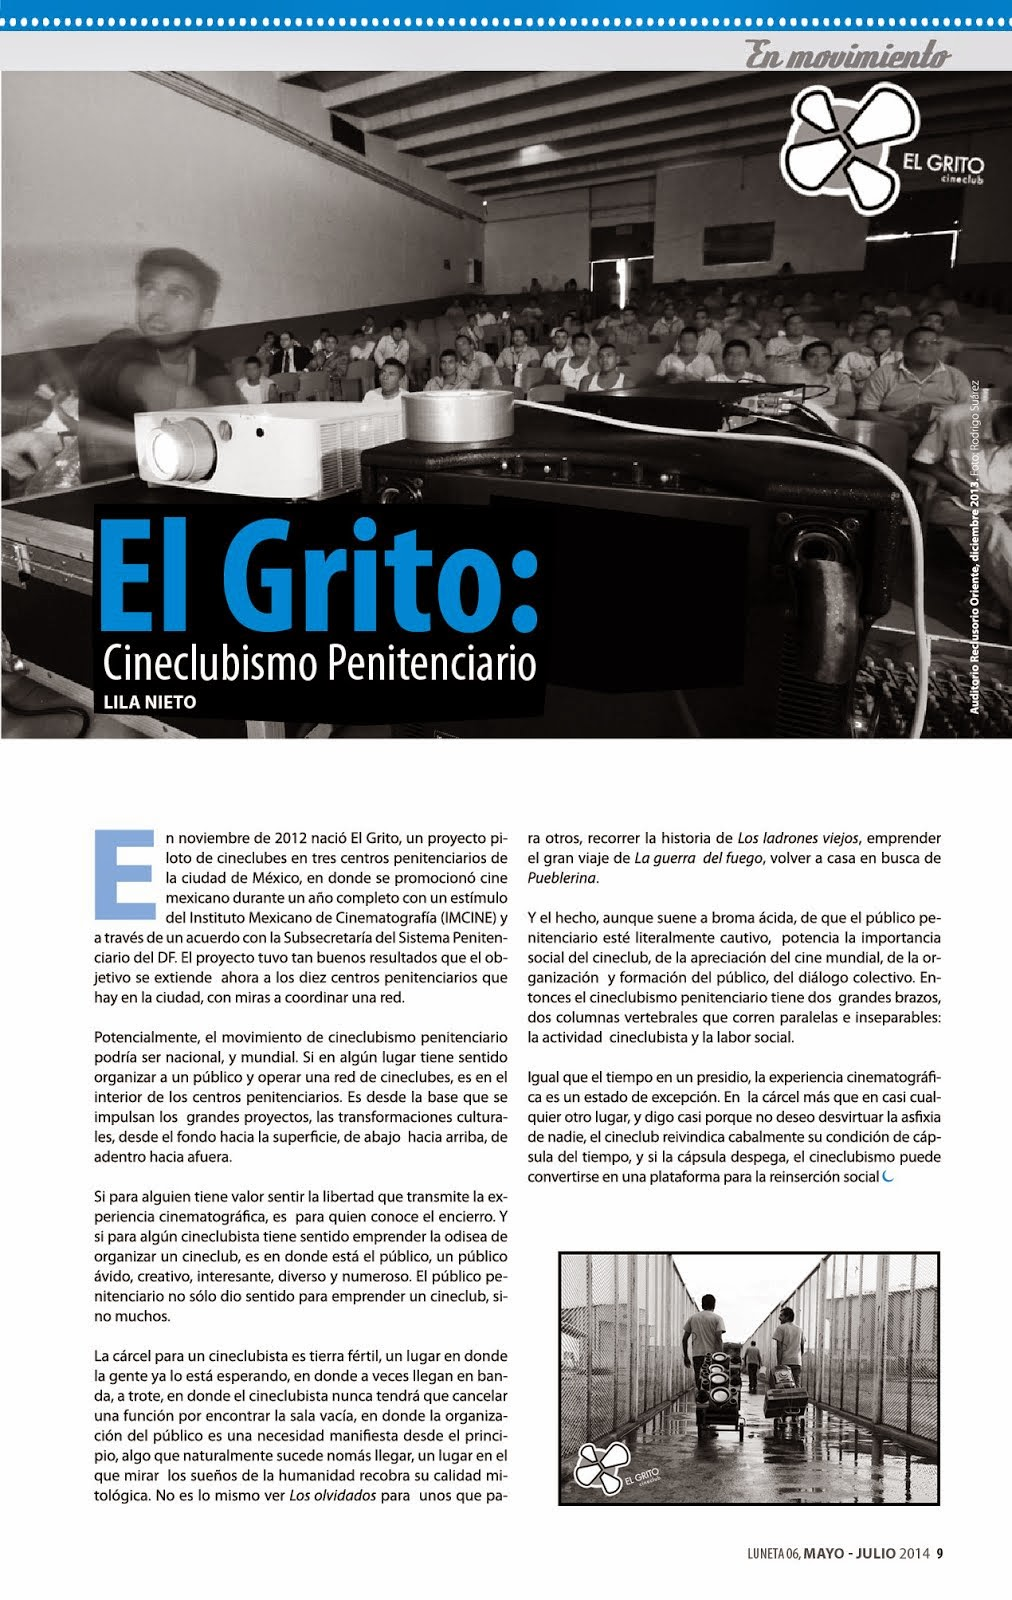 El Grito: Cineclubismo Penitenciario